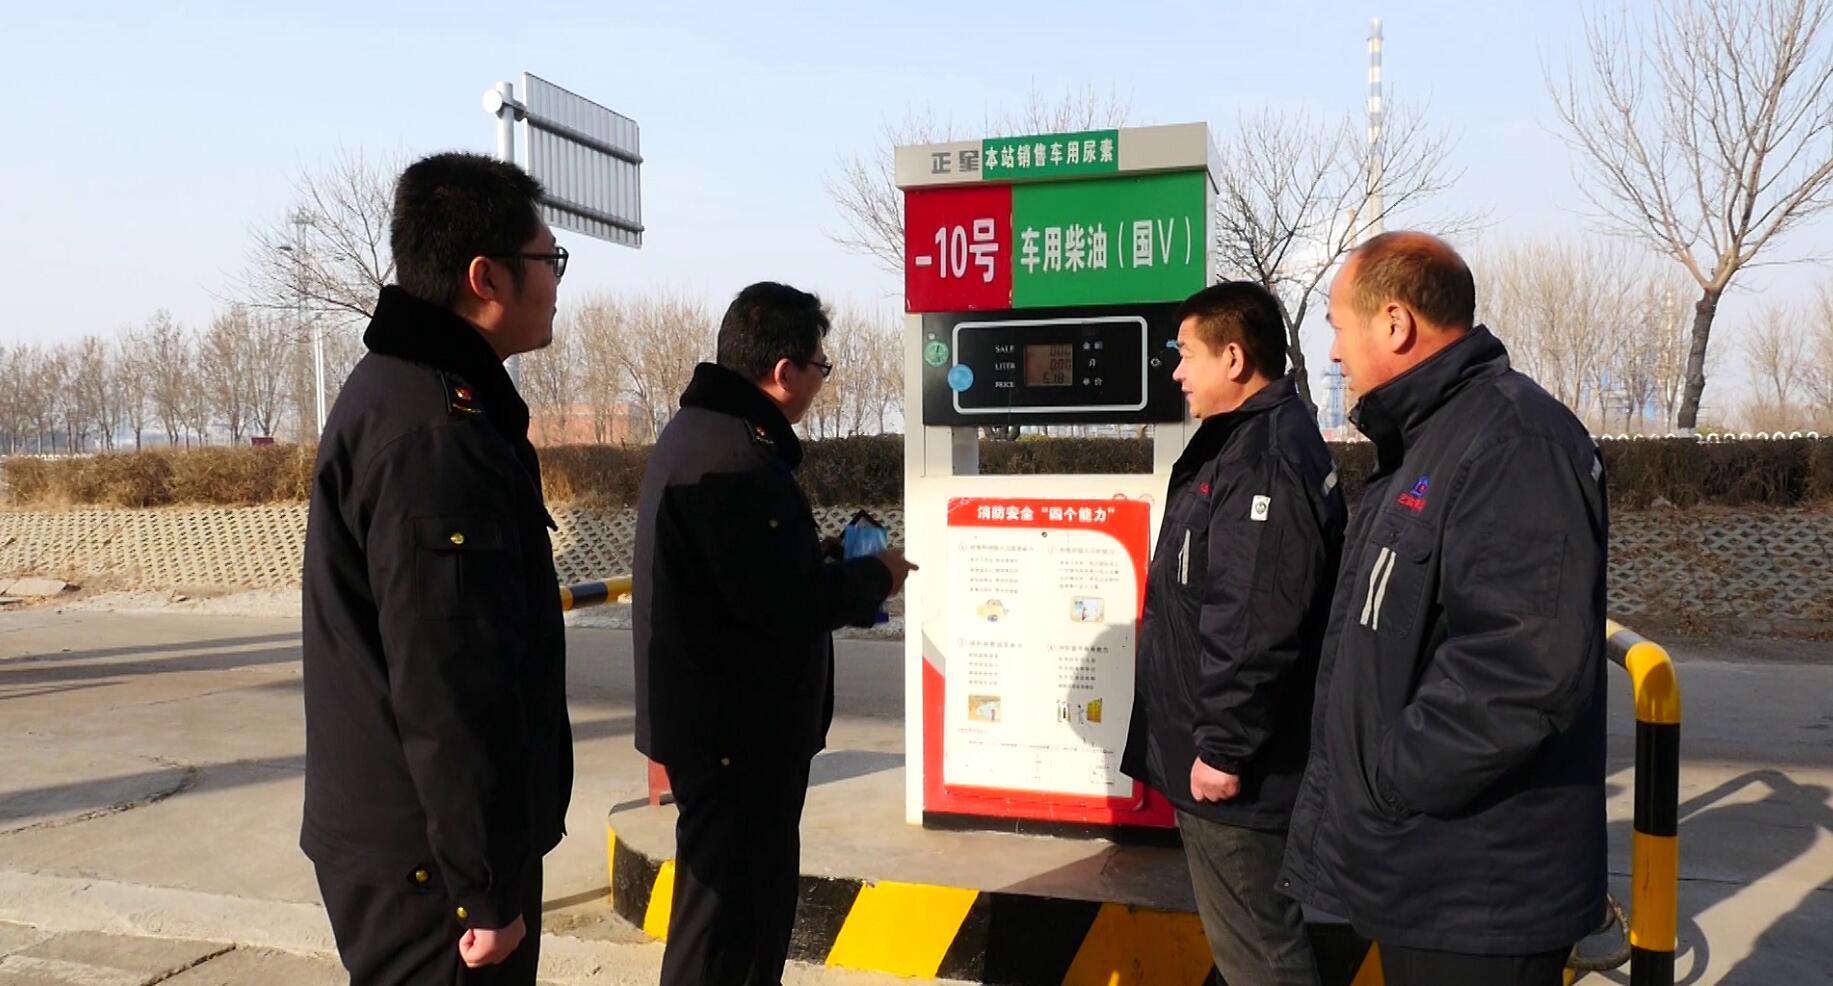 山东全面检查成品油市场 加油站2次被查将吊销执照